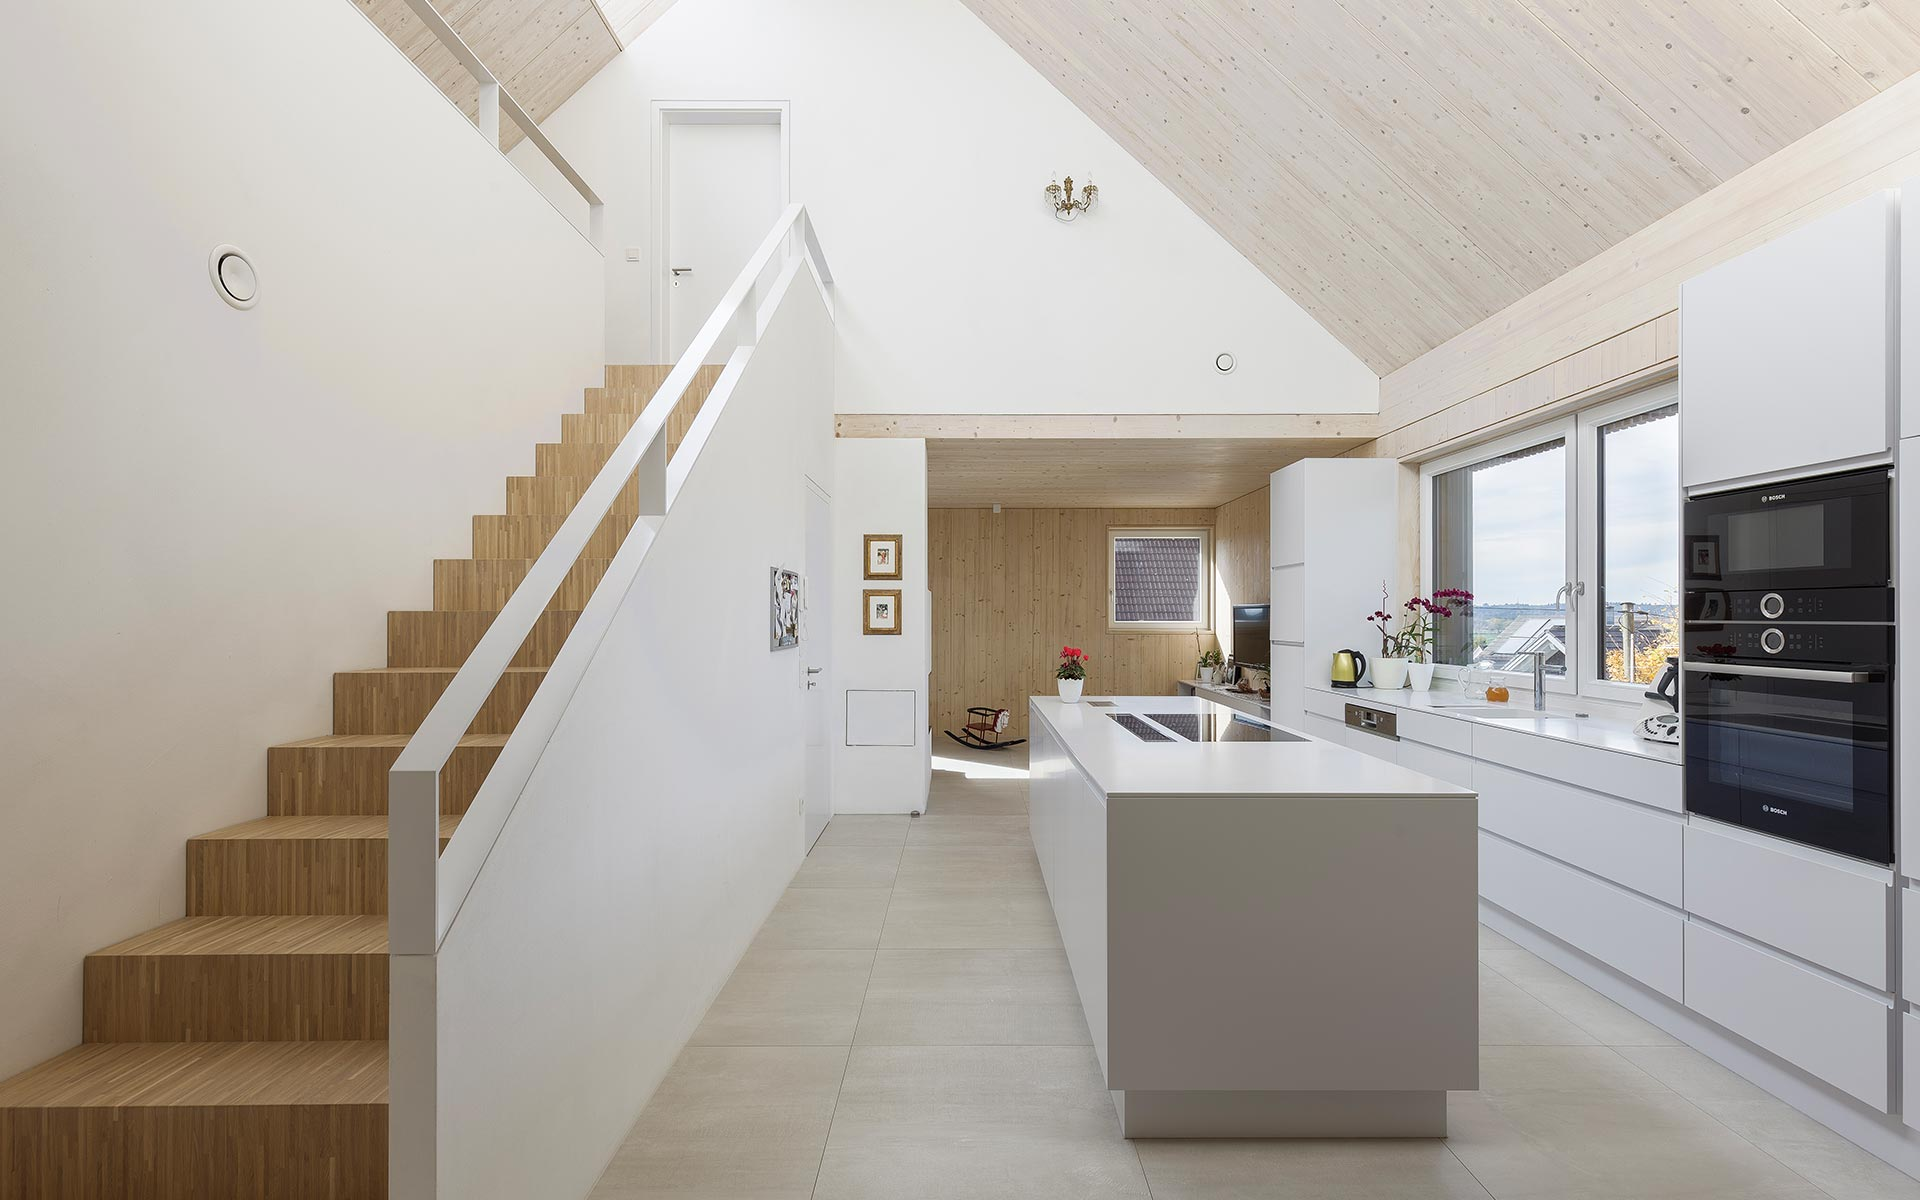 Holzhaus mit verputzten Wänden